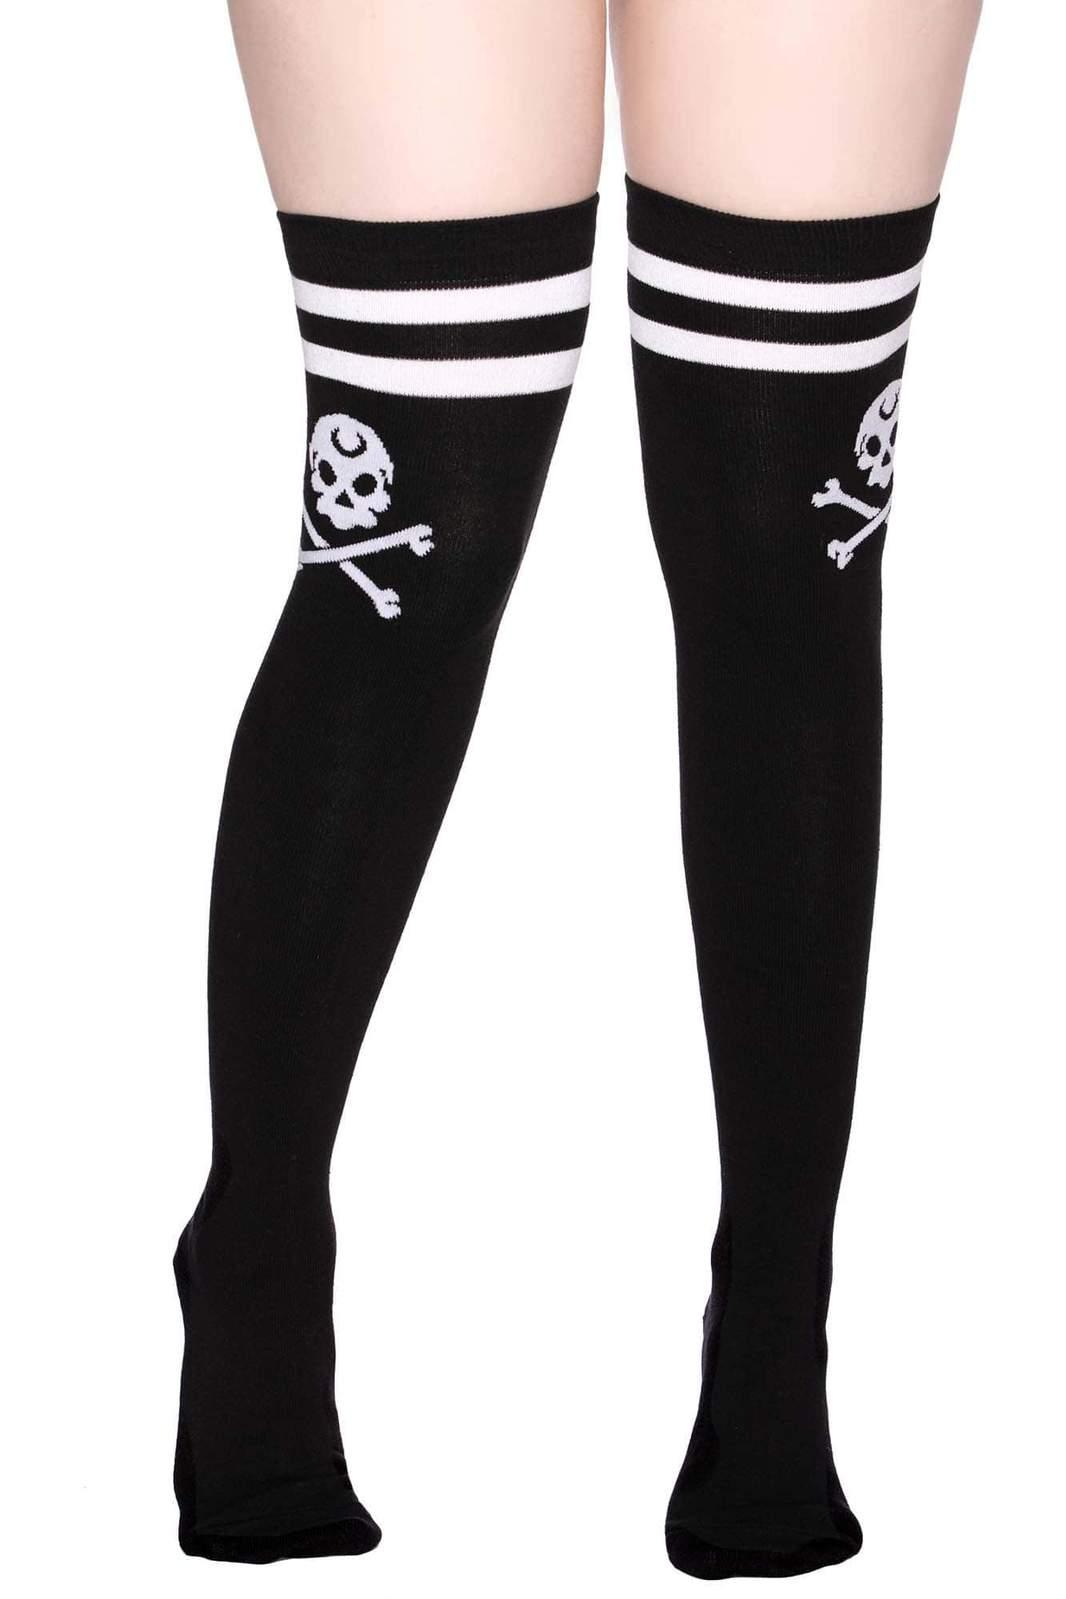 xCrusher Long Socks